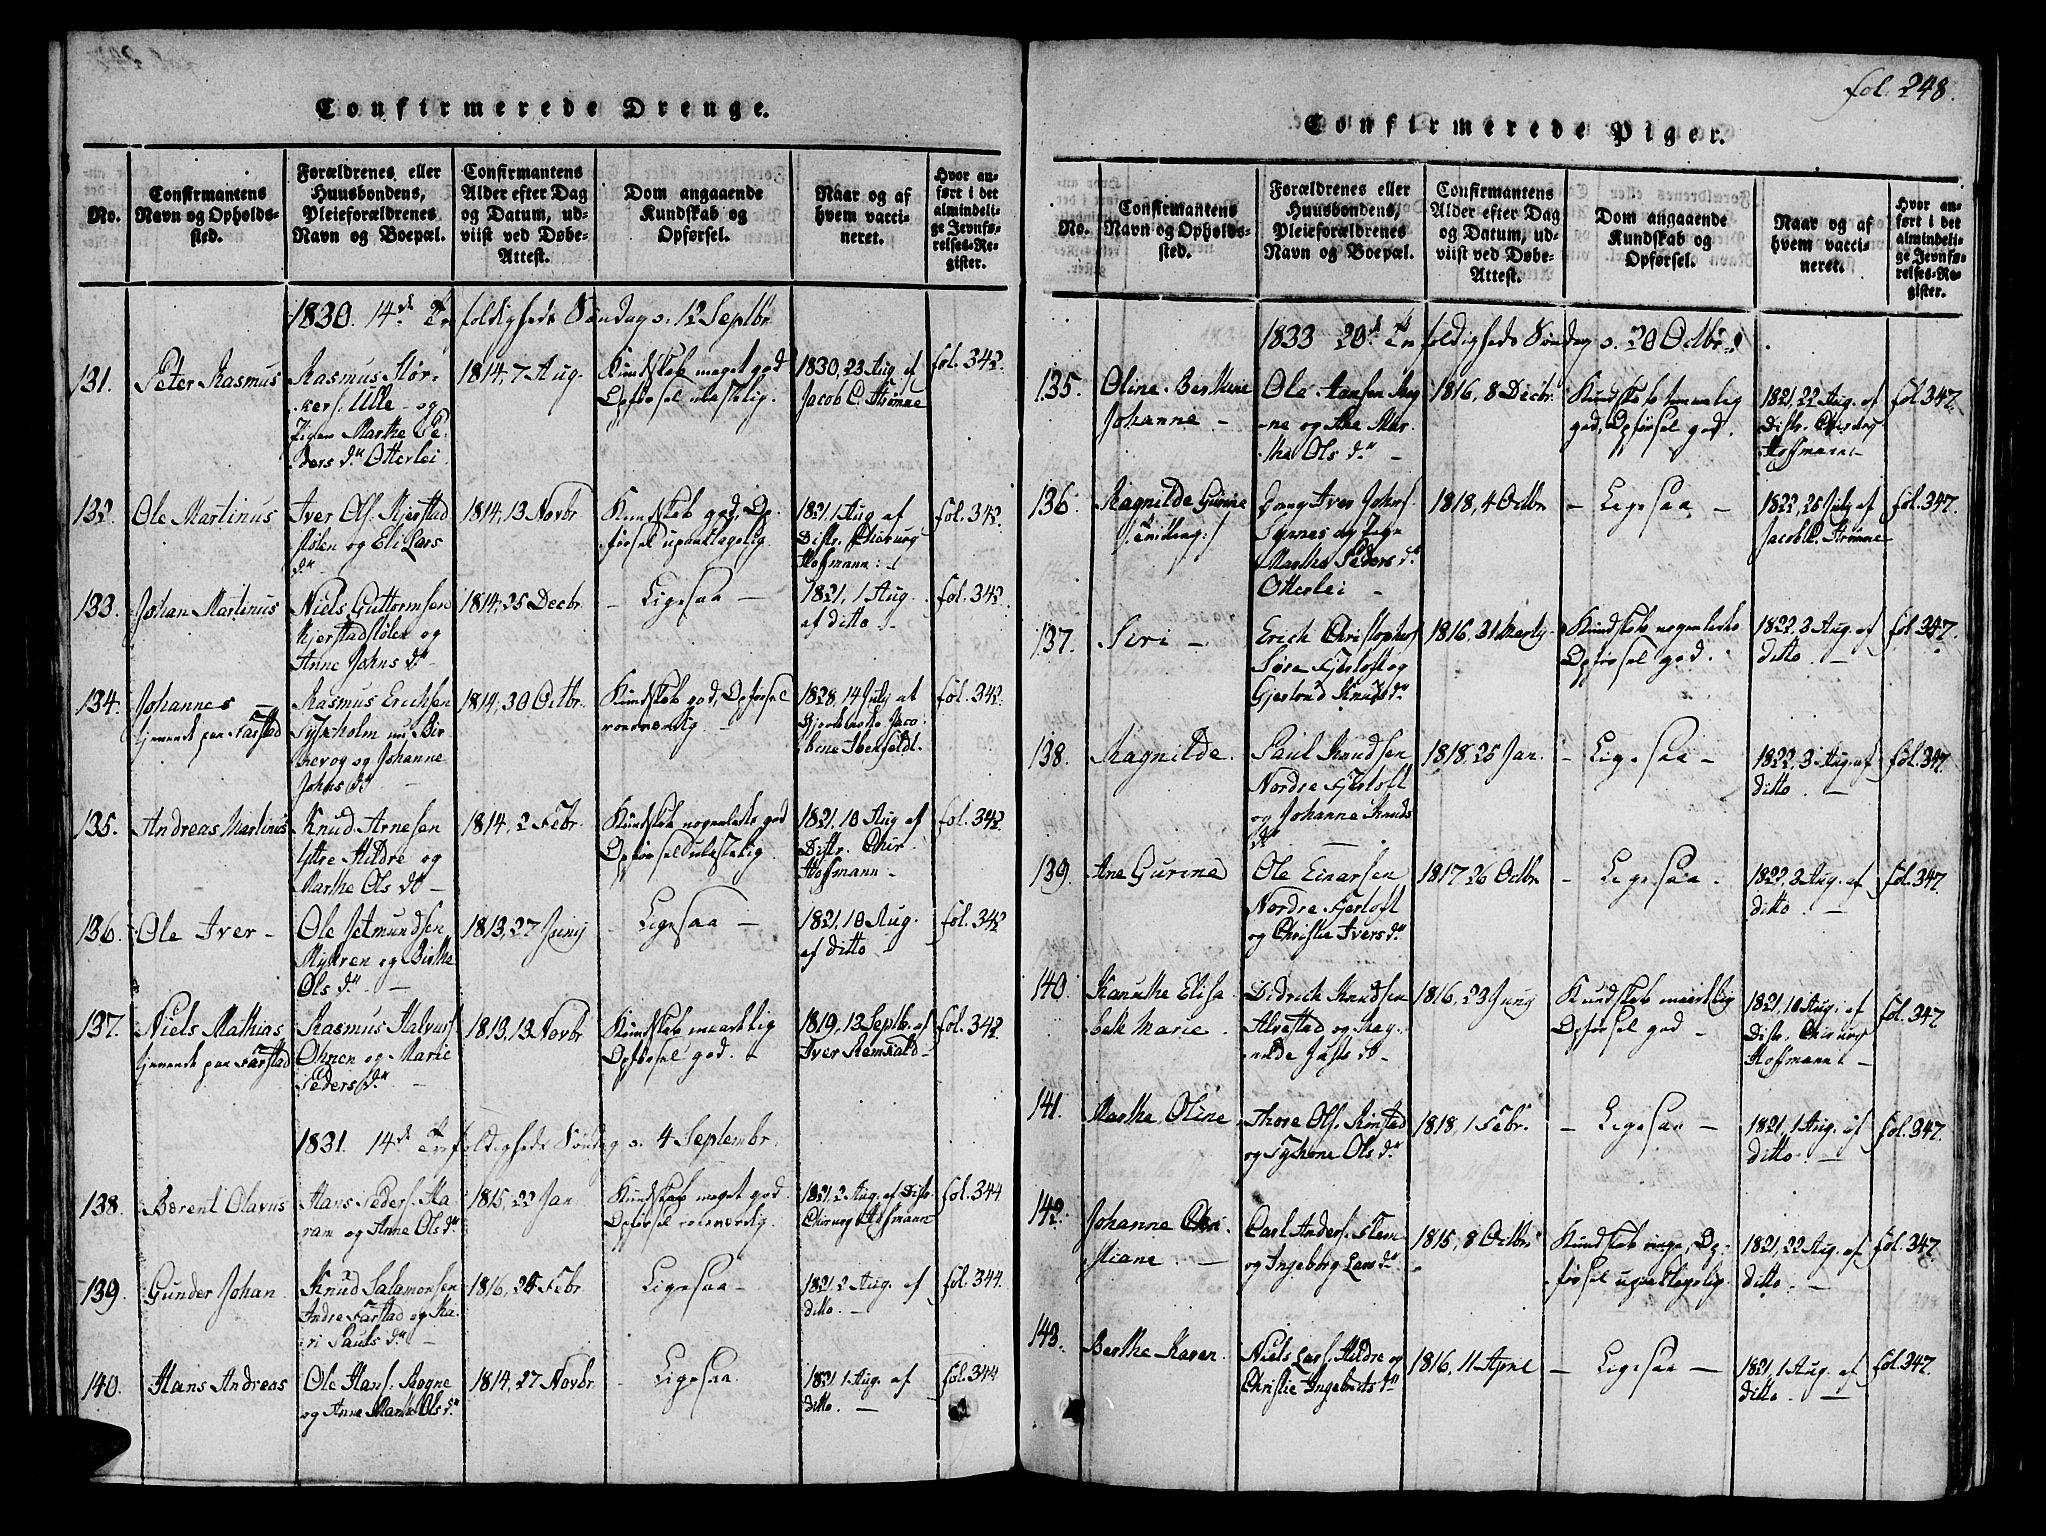 SAT, Ministerialprotokoller, klokkerbøker og fødselsregistre - Møre og Romsdal, 536/L0495: Ministerialbok nr. 536A04, 1818-1847, s. 248